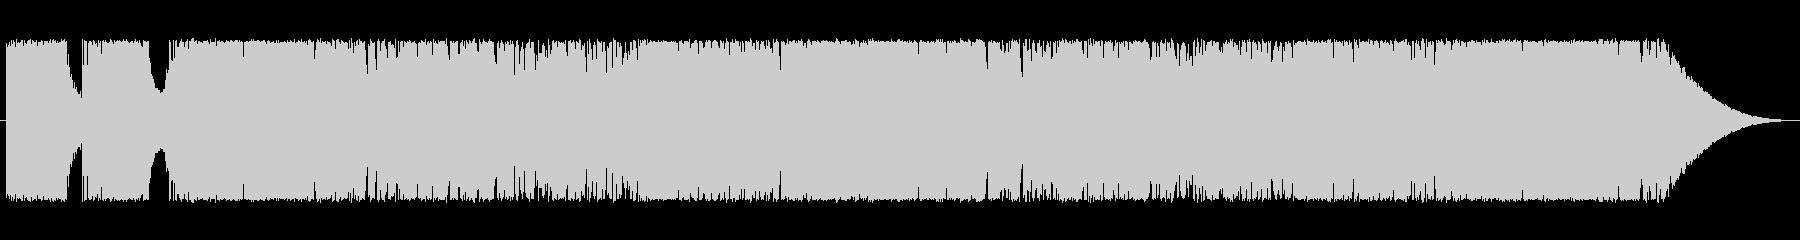 ビッグバンド系(ハイスピード)の未再生の波形